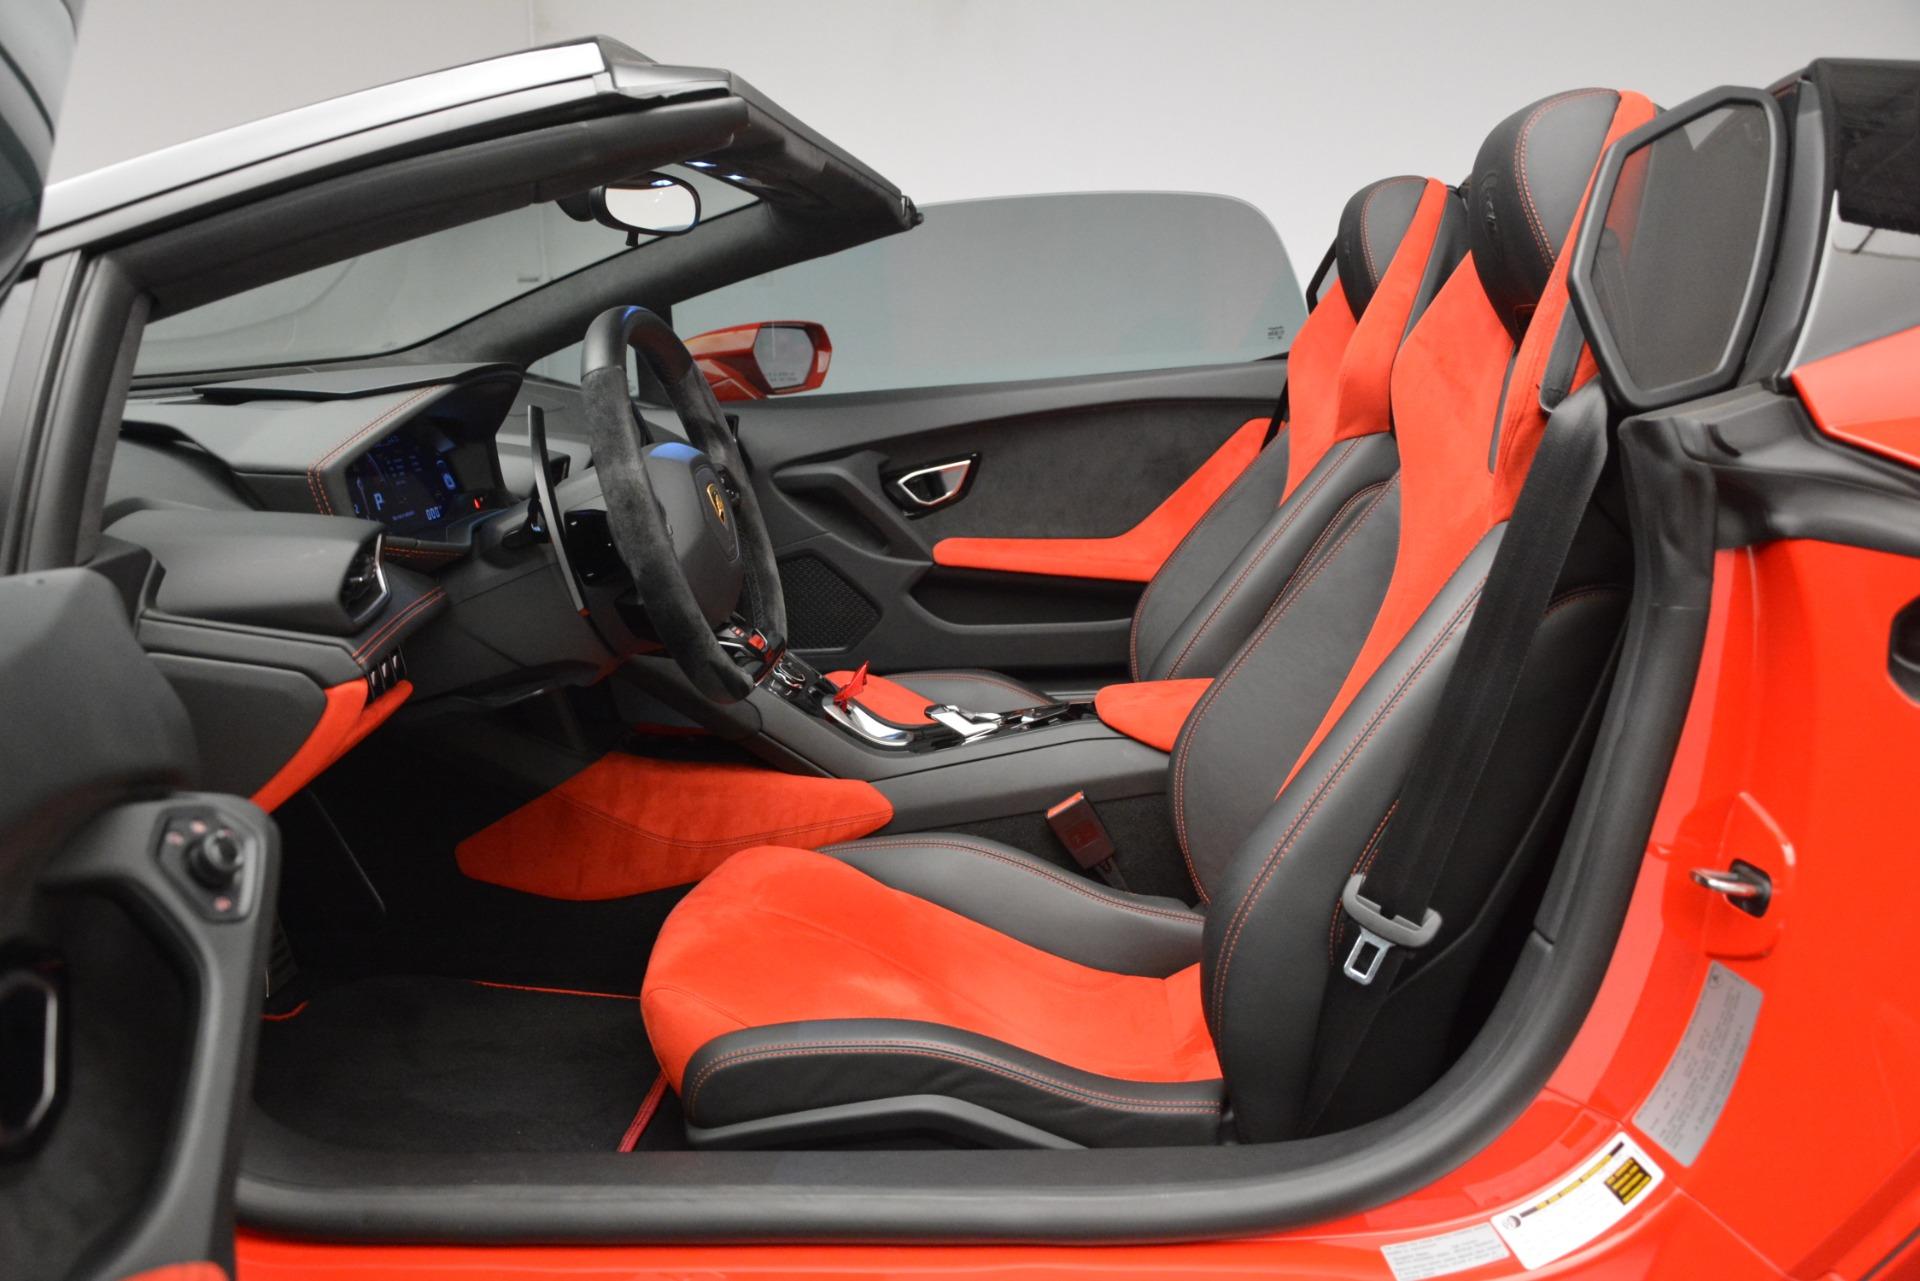 Used 2017 Lamborghini Huracan LP 610-4 Spyder For Sale In Westport, CT 3270_p32